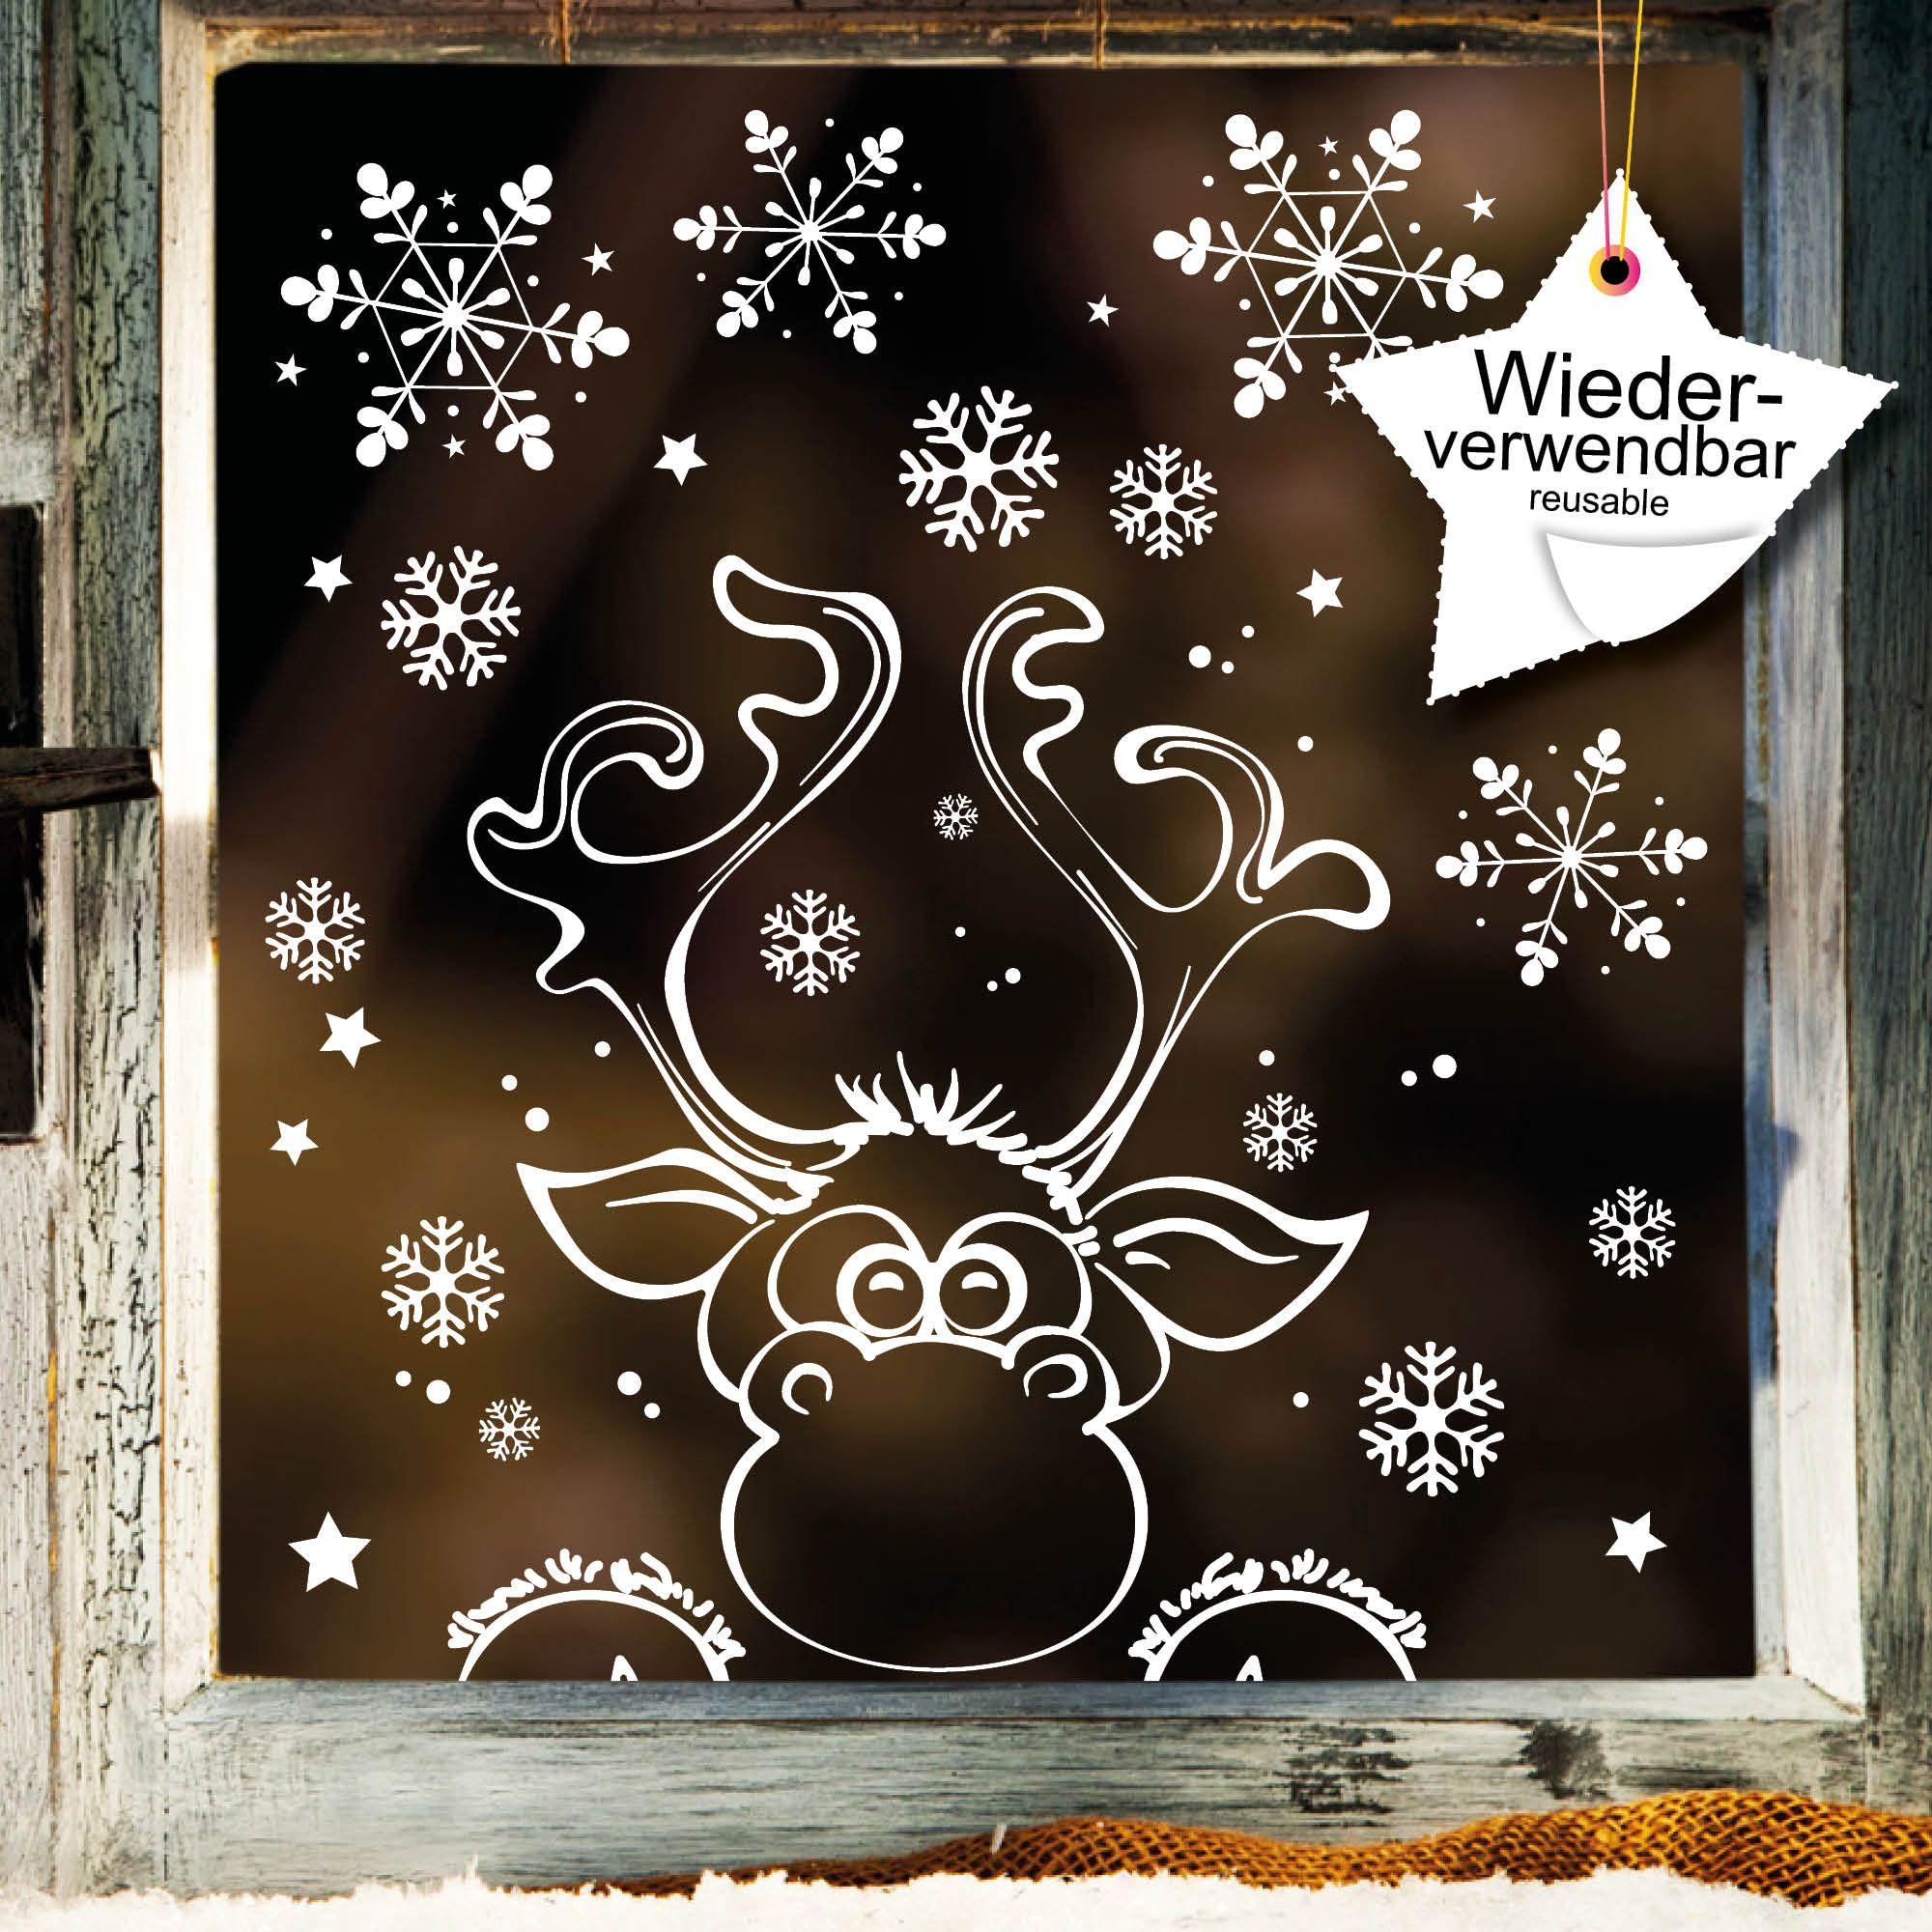 Ähnliche Artikel wie Fensterbild Weihnachten Elch Fensteraufkleber Schneeflocken WIEDERVERWENDBAR auf Etsy